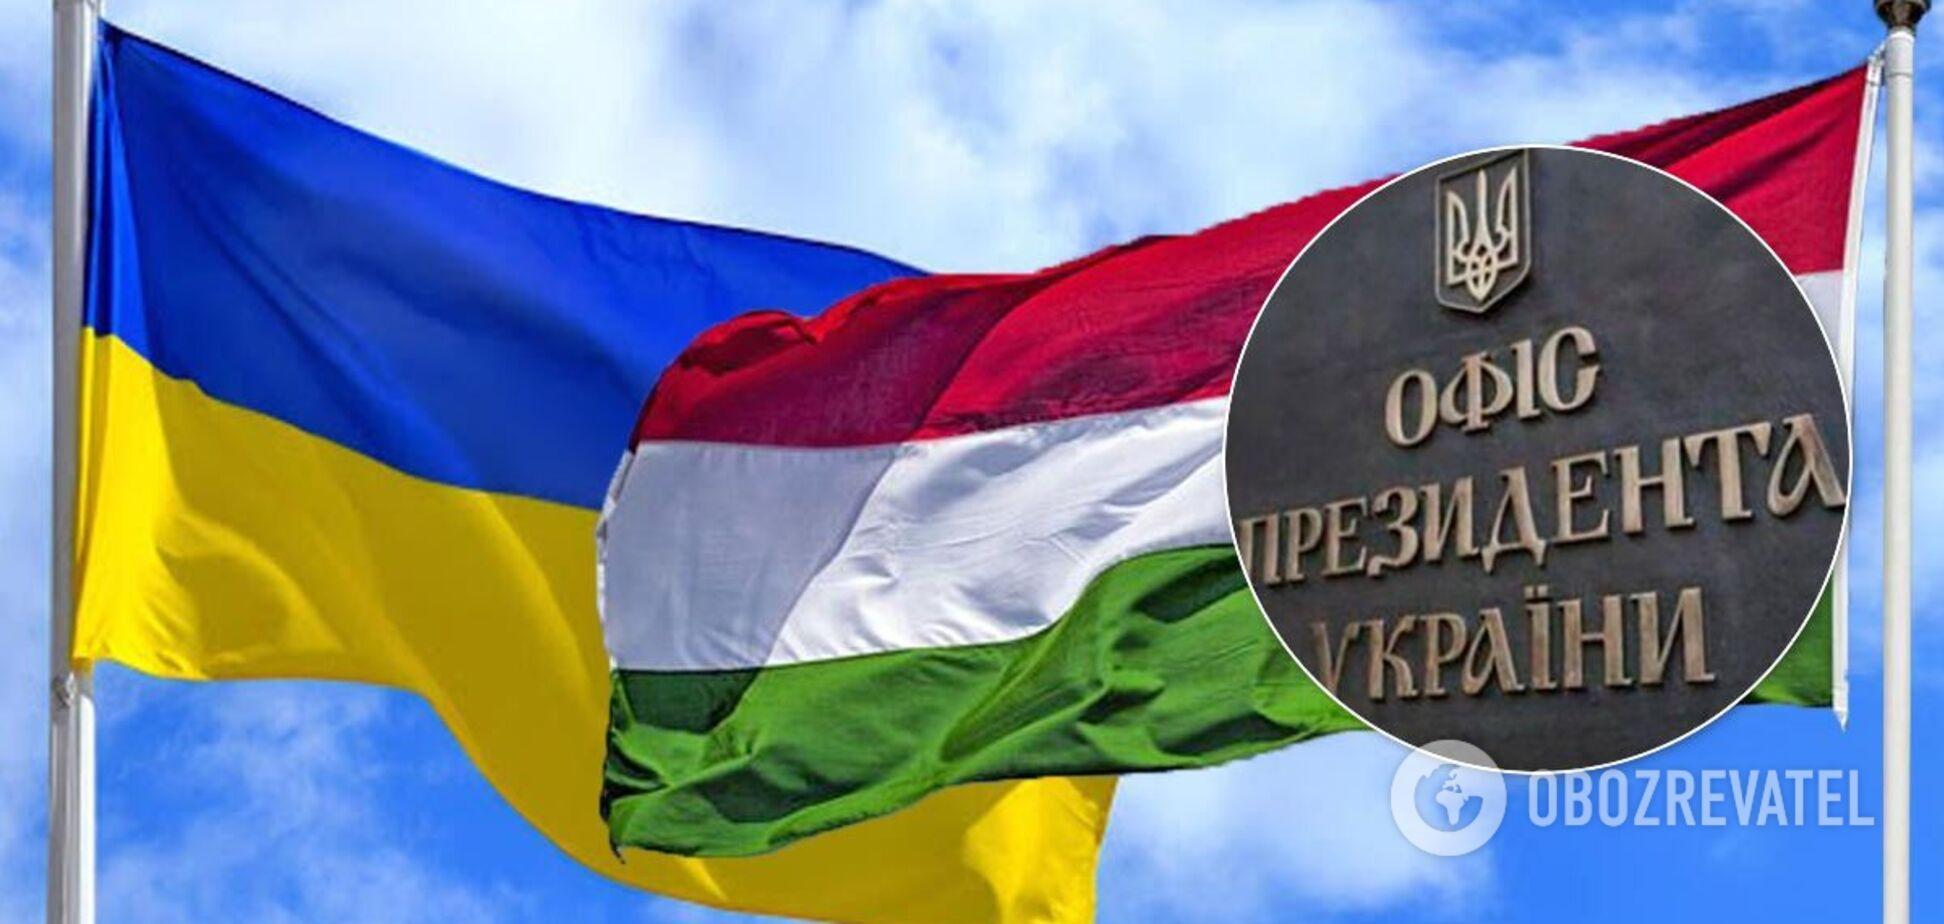 Україна має намір помиритися з Угорщиною 'по-джентльменськи' – ОП